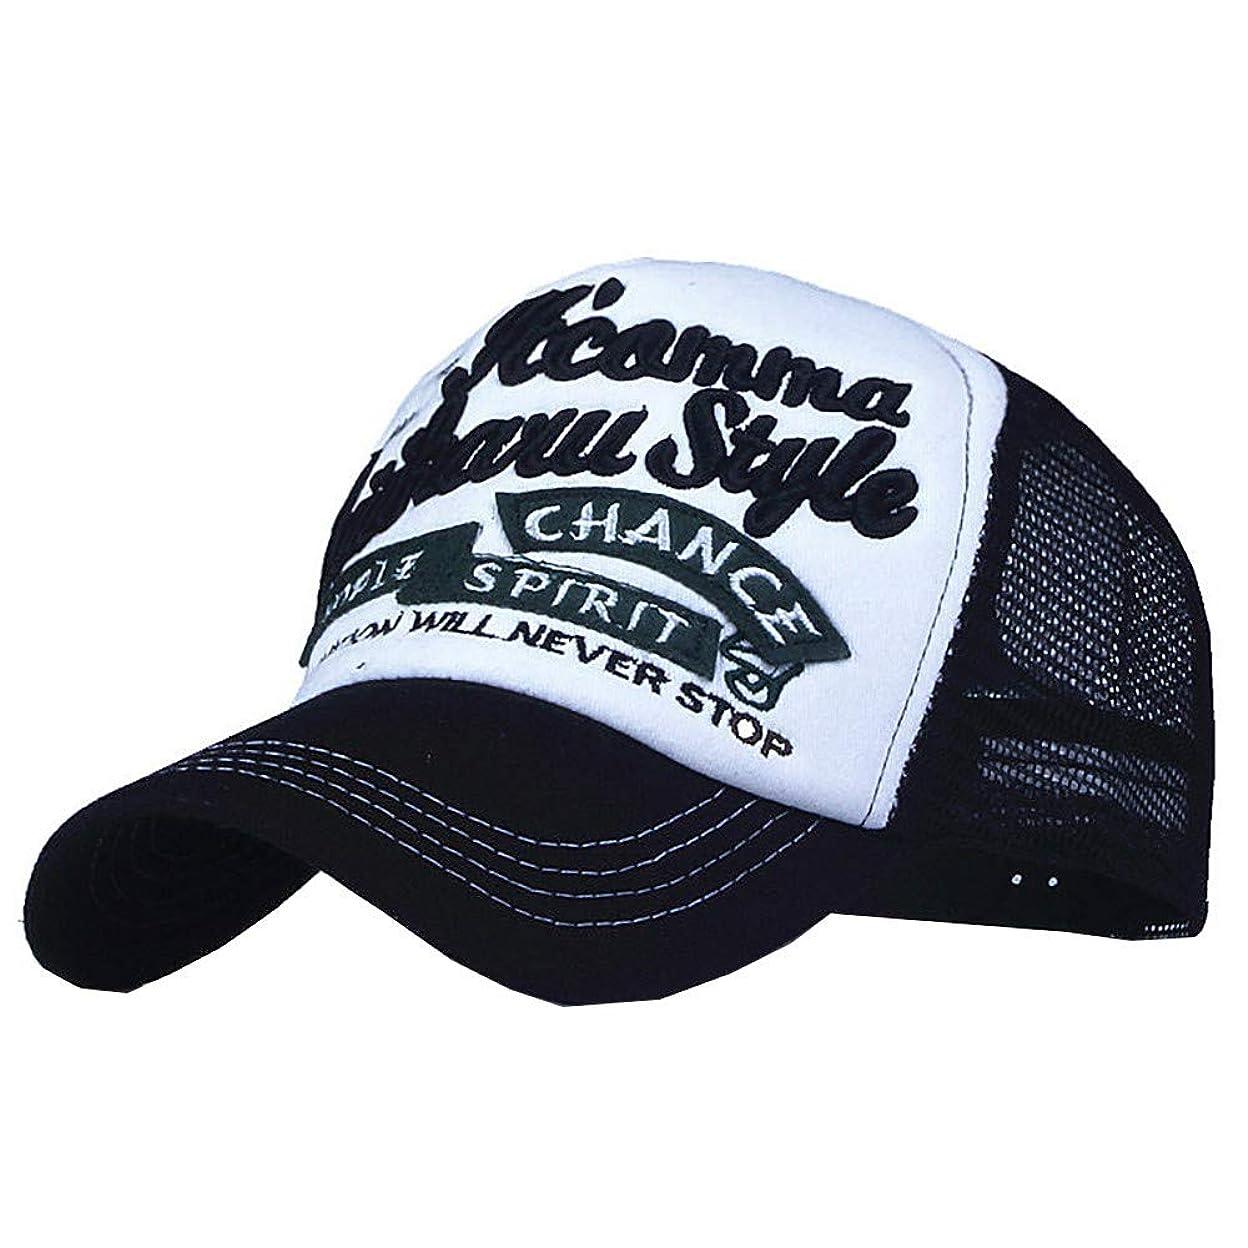 保育園修理工戸惑うRacazing パッチワーク 野球帽 ヒップホップ メンズ 夏 登山 帽子メッシュ 可調整可能 プラスベルベット 棒球帽 UV 帽子 軽量 屋外 Unisex 鸭舌帽 Hat Cap